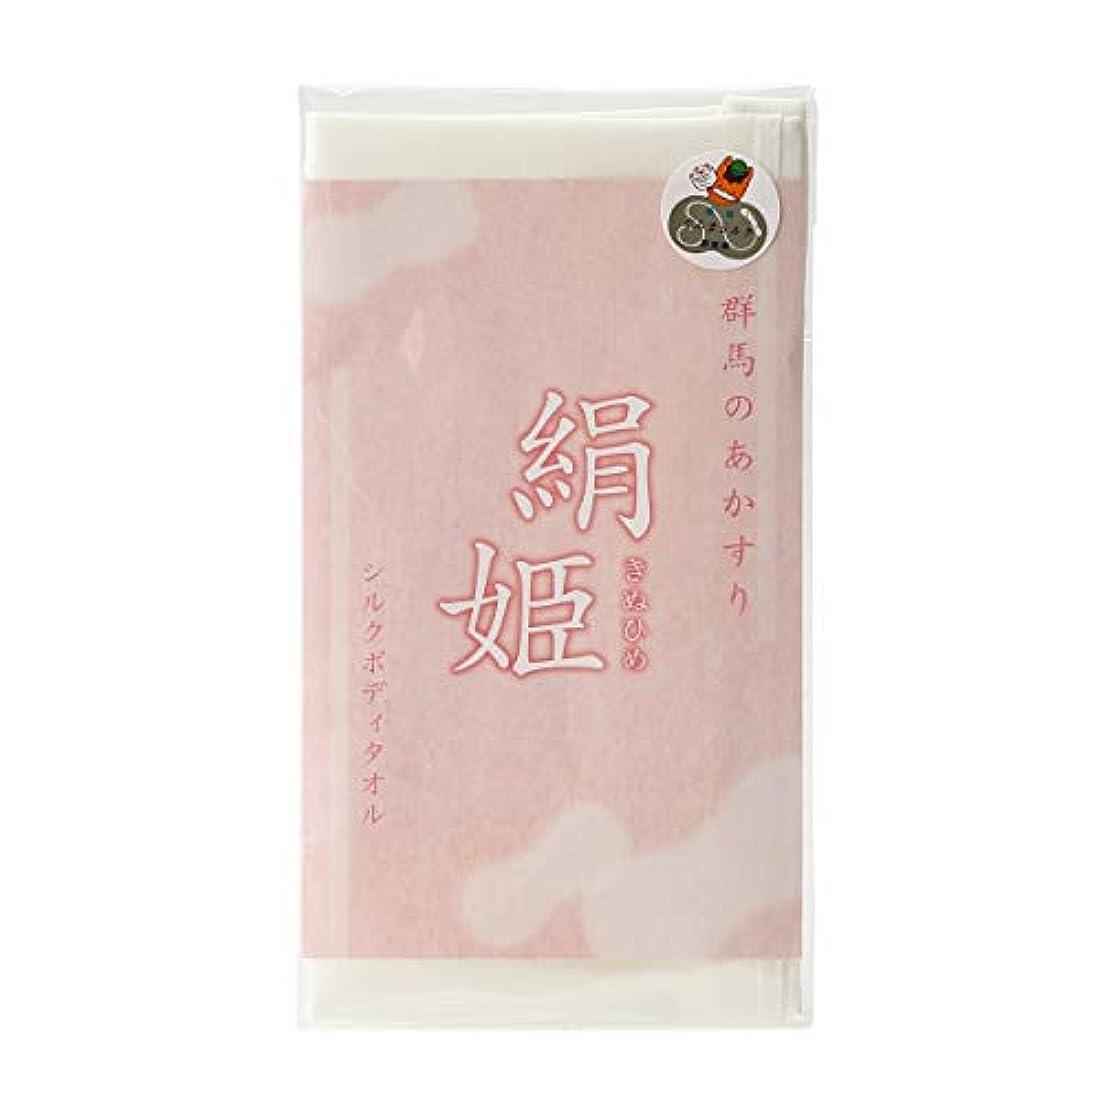 不完全な達成可能ターミナル[ハッピーシルク ] 絹姫 (きぬひめ) ボディータオル シルクあかすり 00245